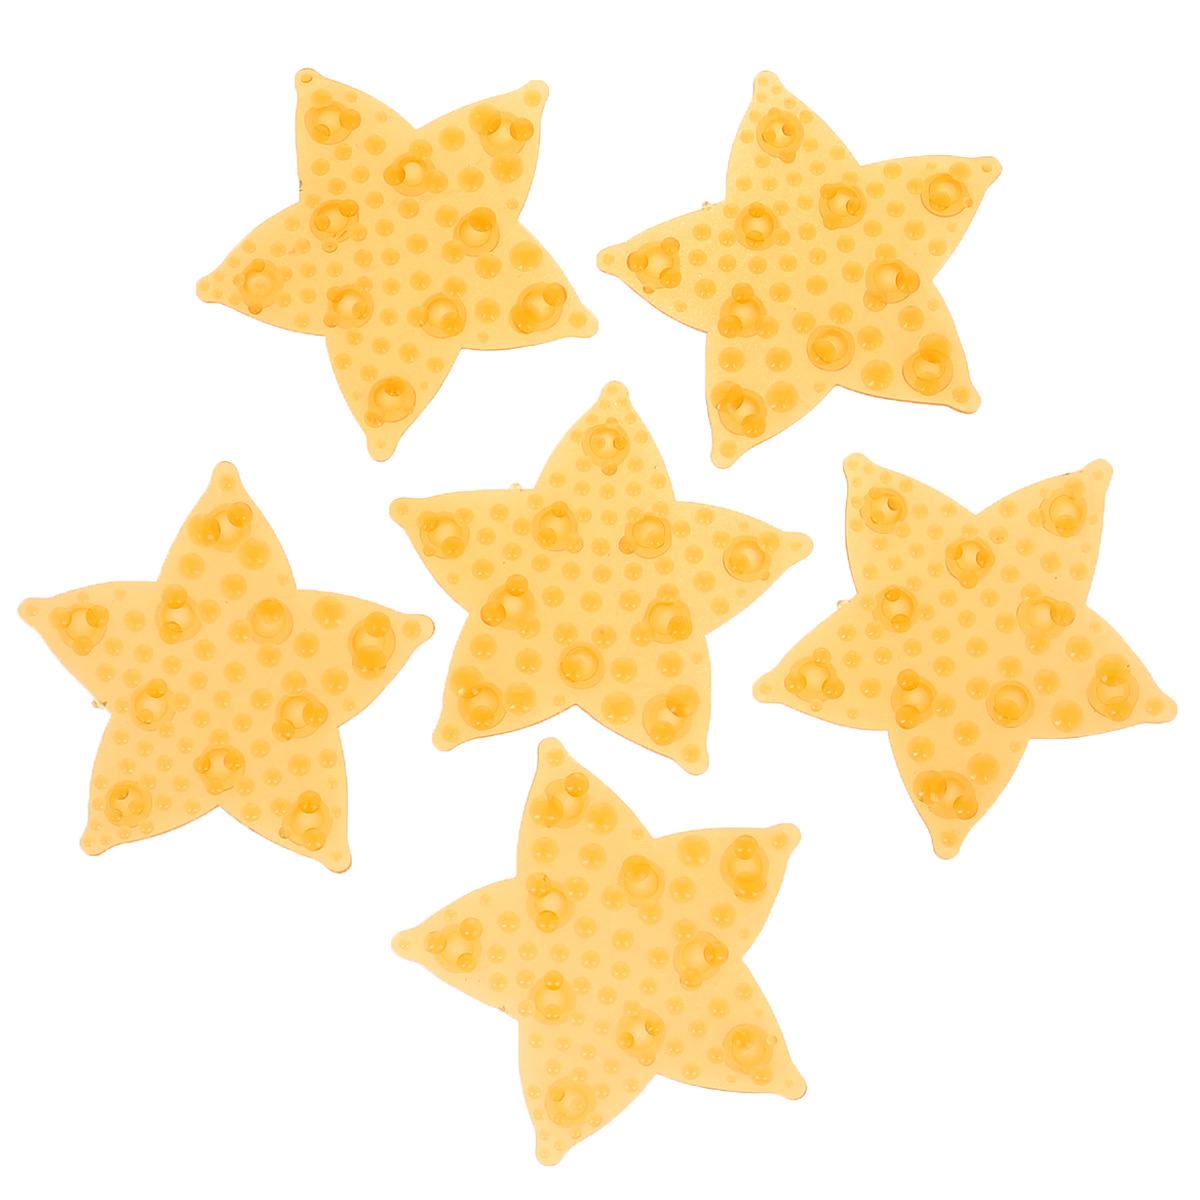 Набор мини-ковриков для ванной Dom Company Морская звезда перламутровая, цвет: оранжевый, 6 шт.68/5/3Набор Dom Company Морская звезда перламутровая состоит из шести мини-ковриков для ванной, изготовленных из 100% полимерных материалов в форме морских звезд. Коврики оснащены присосками, предотвращающими скольжение. Их можно крепить на дно ванны или использовать как декор для плитки. Коврики легко чистить.